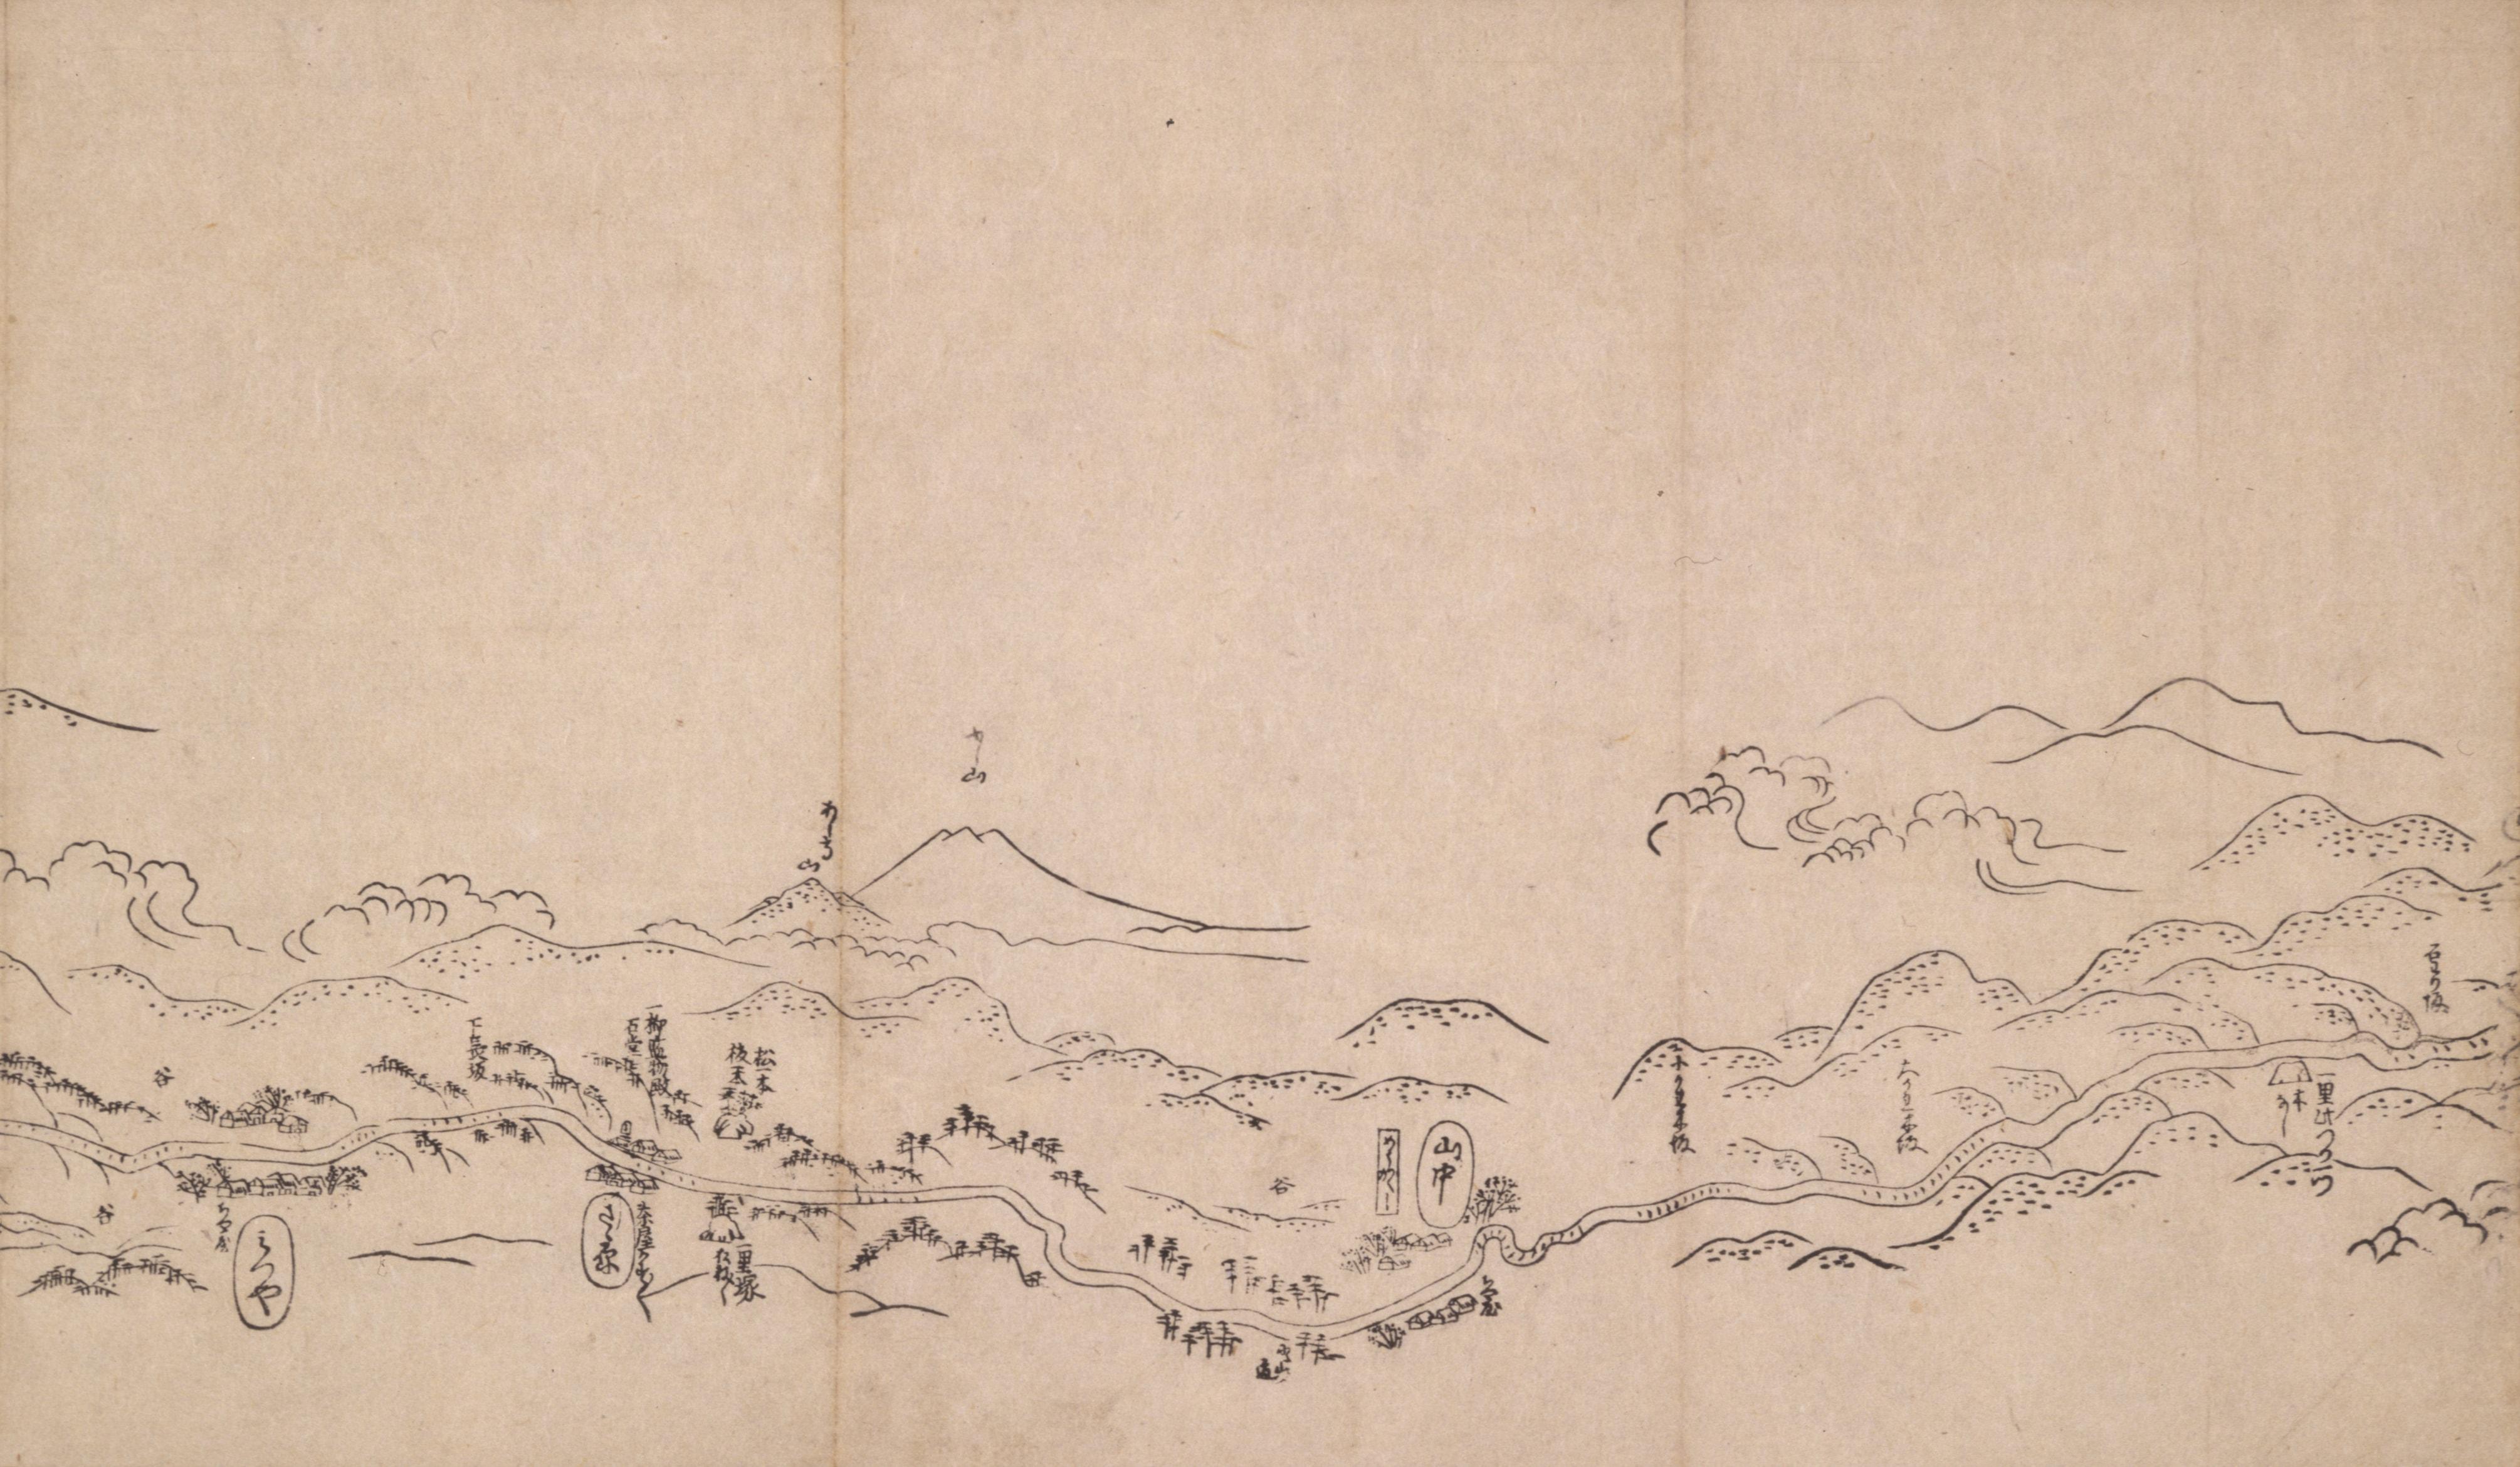 東海道分間之図 十八